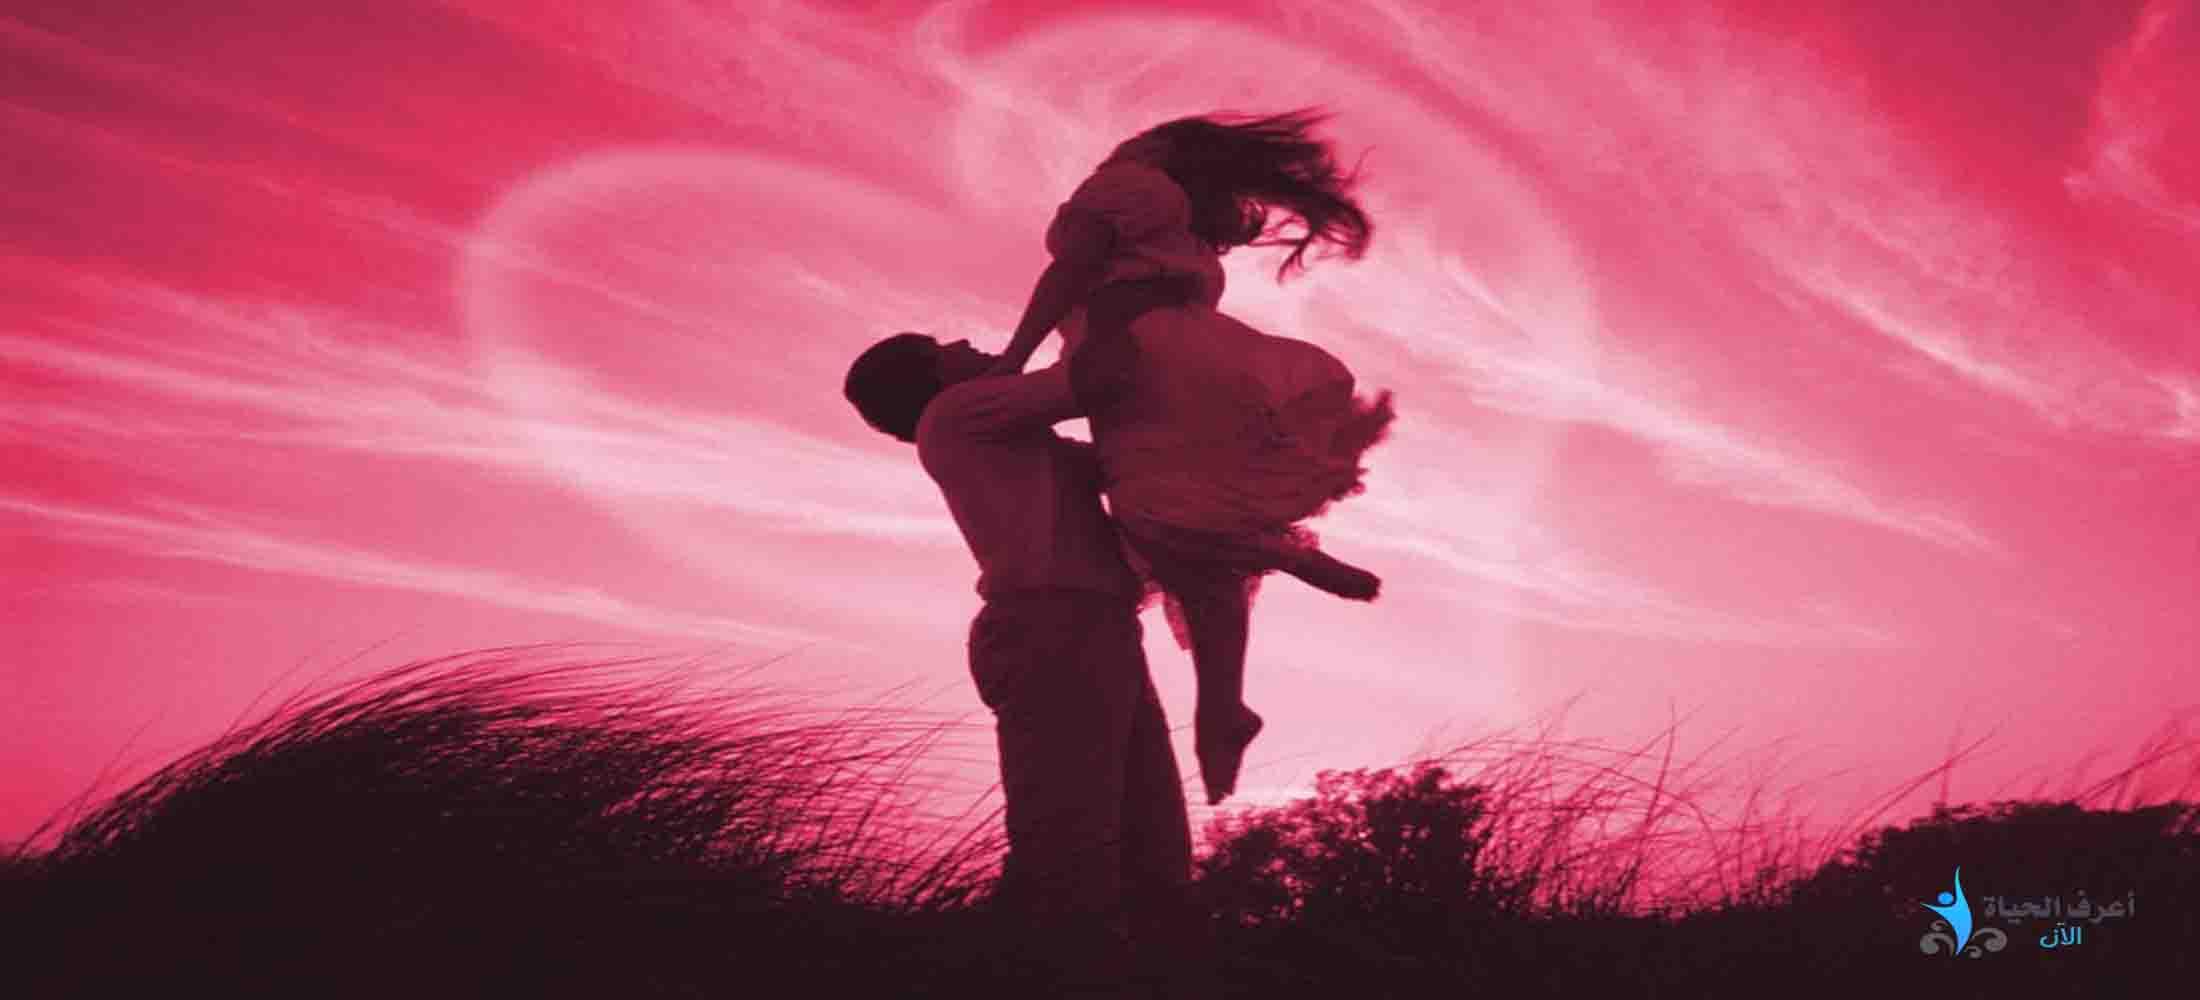 صورة الحب الحقيقي , الحب من القلب